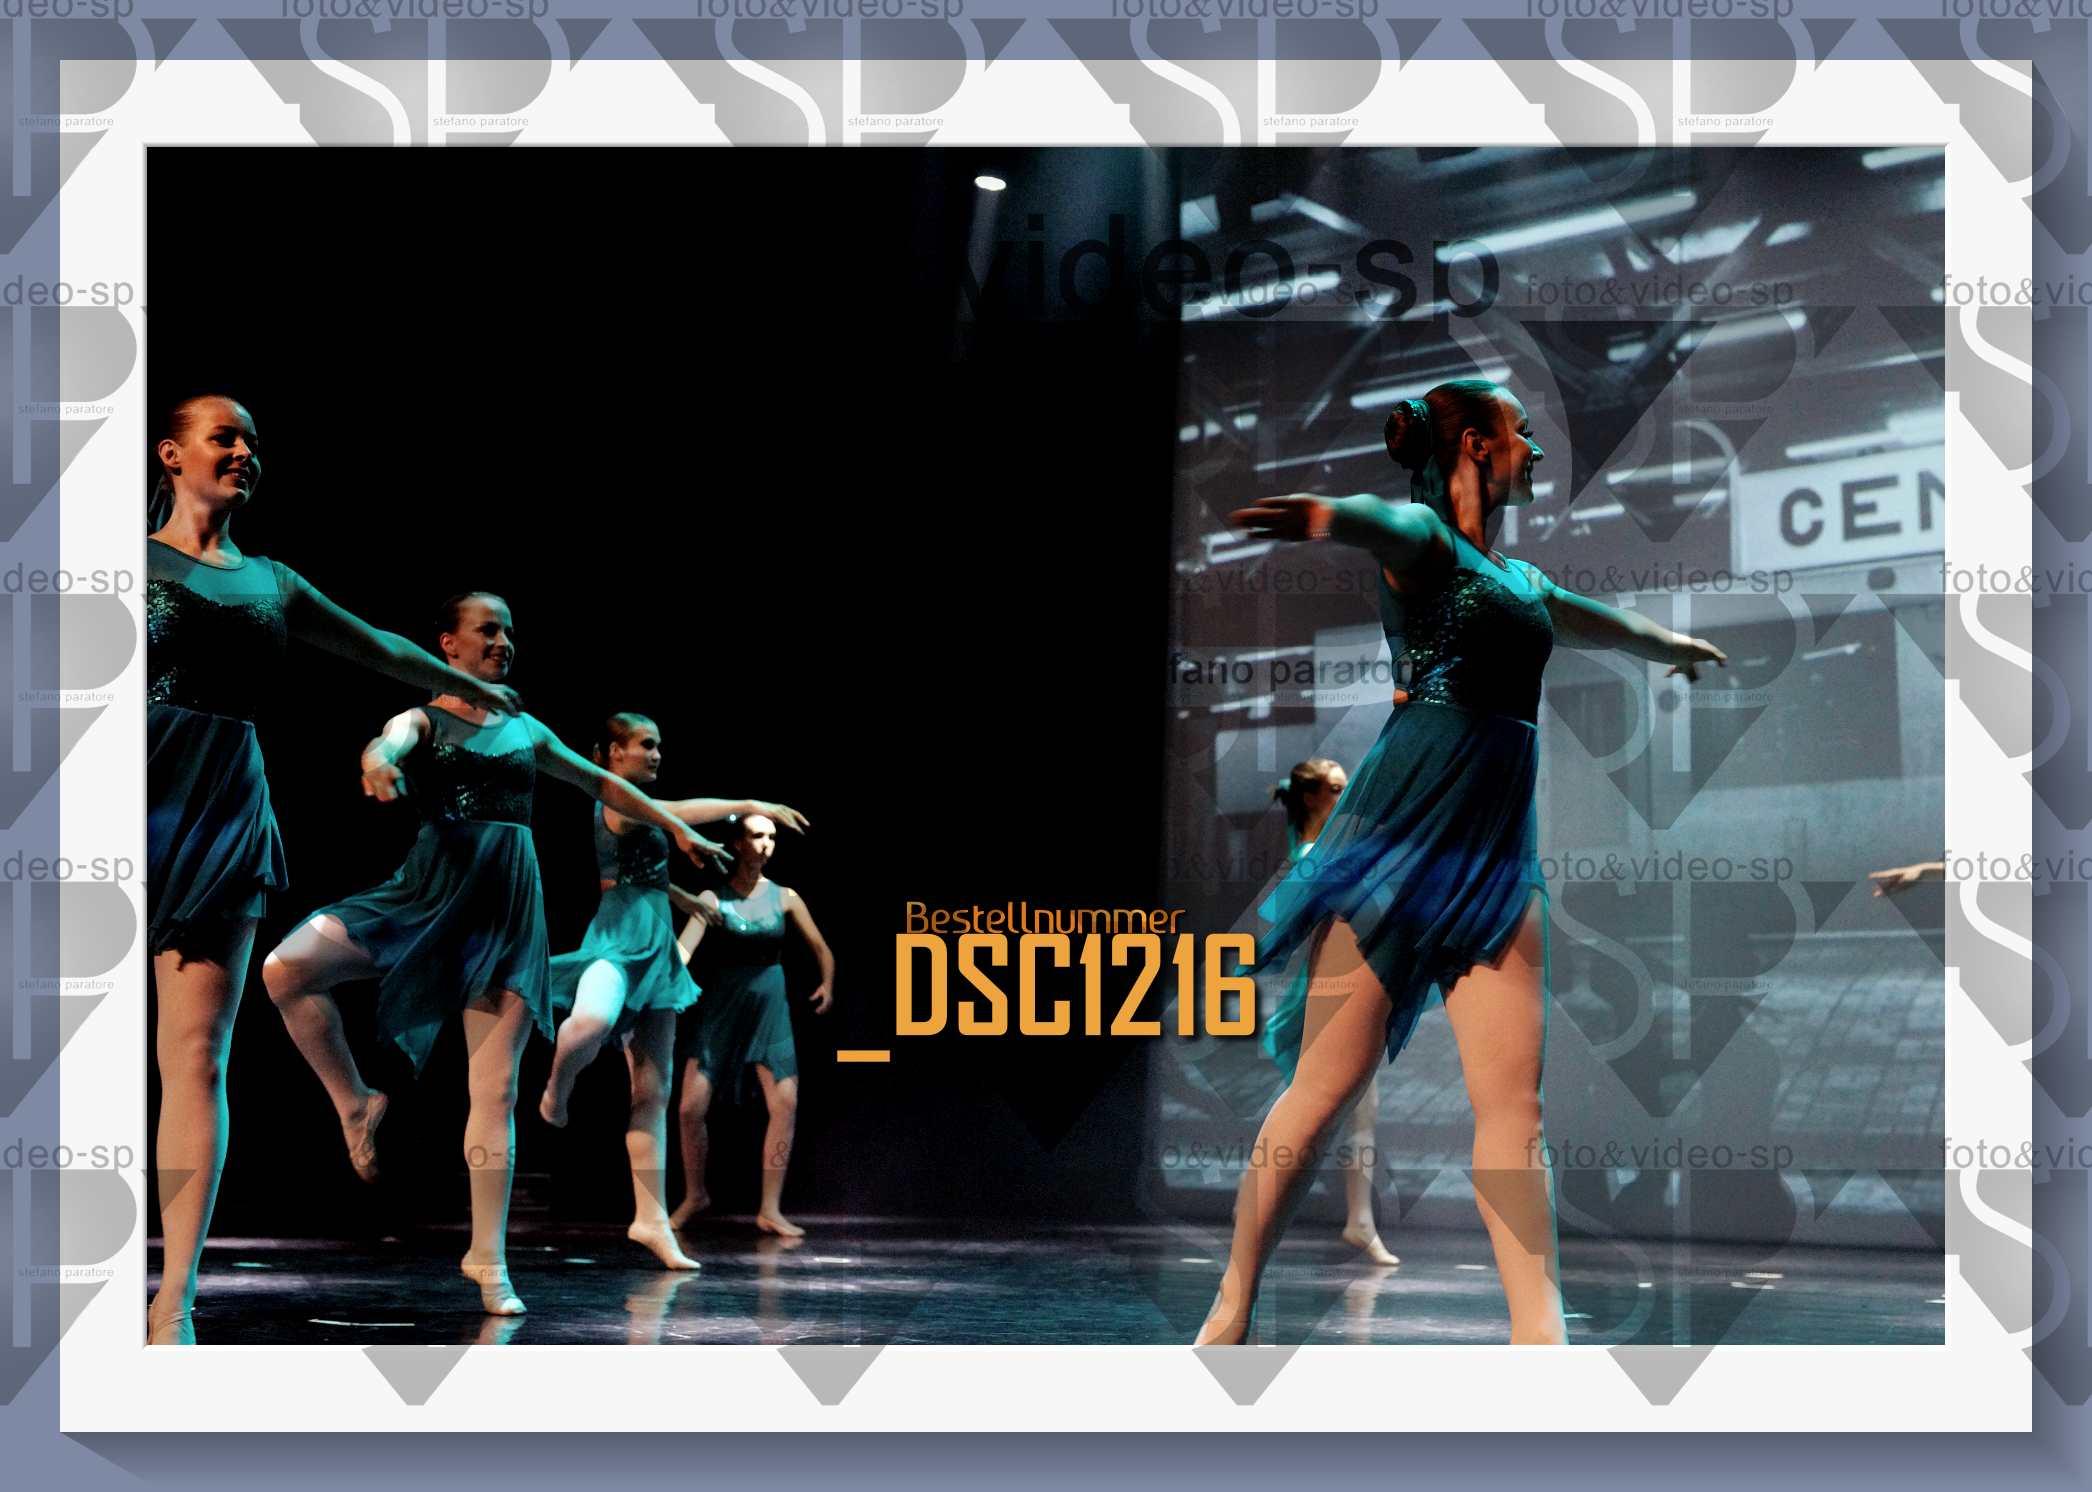 DSC1216